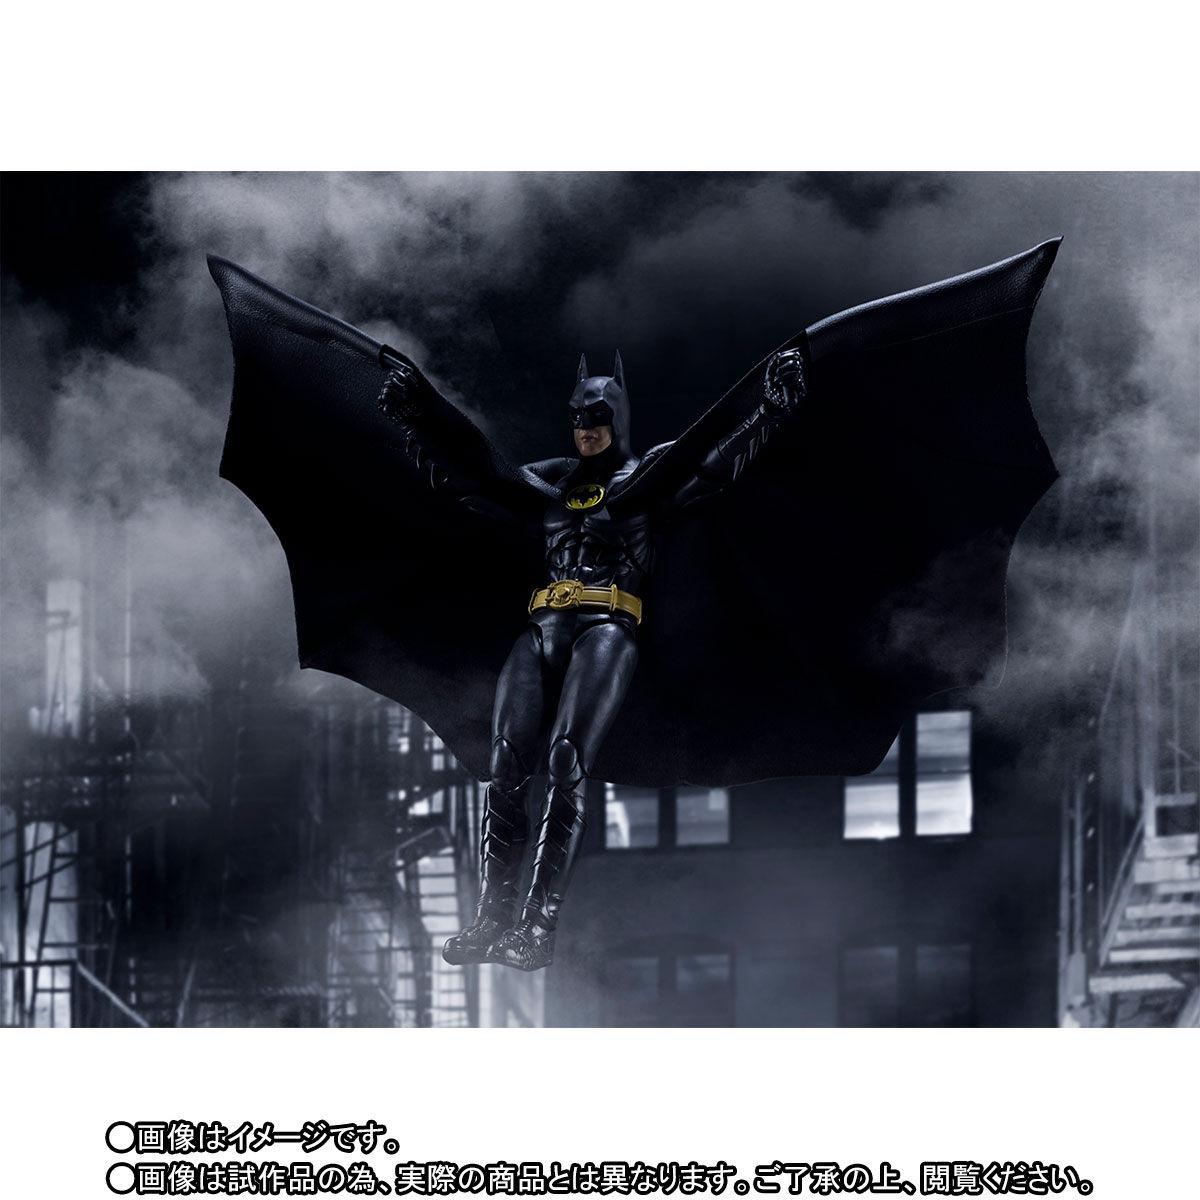 【限定販売】S.H.Figuarts『バットマン(BATMAN 1989)』可動フィギュア-006